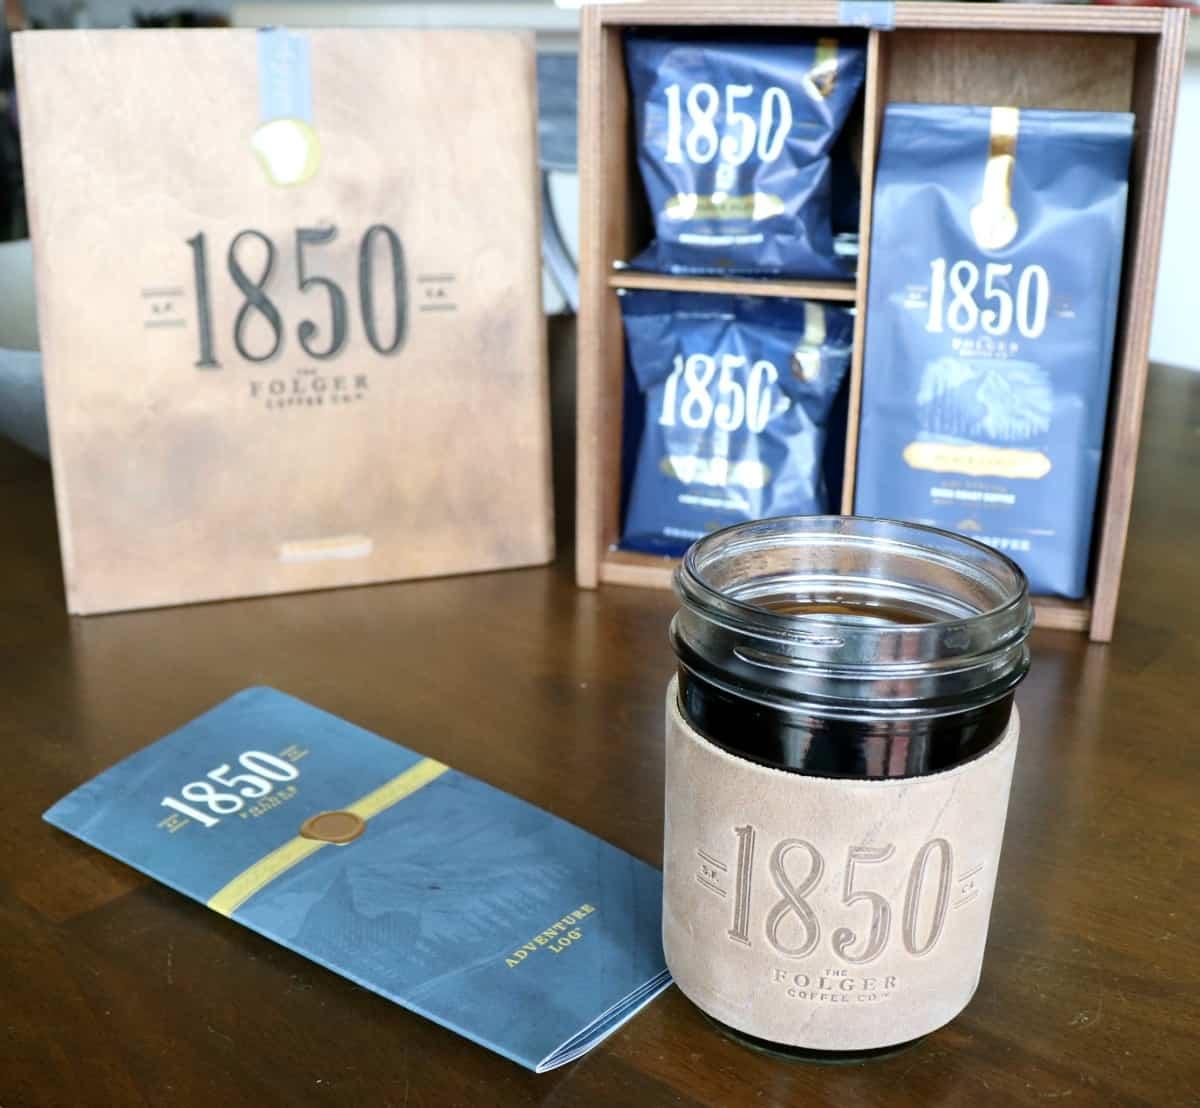 1850 coffee folder kit